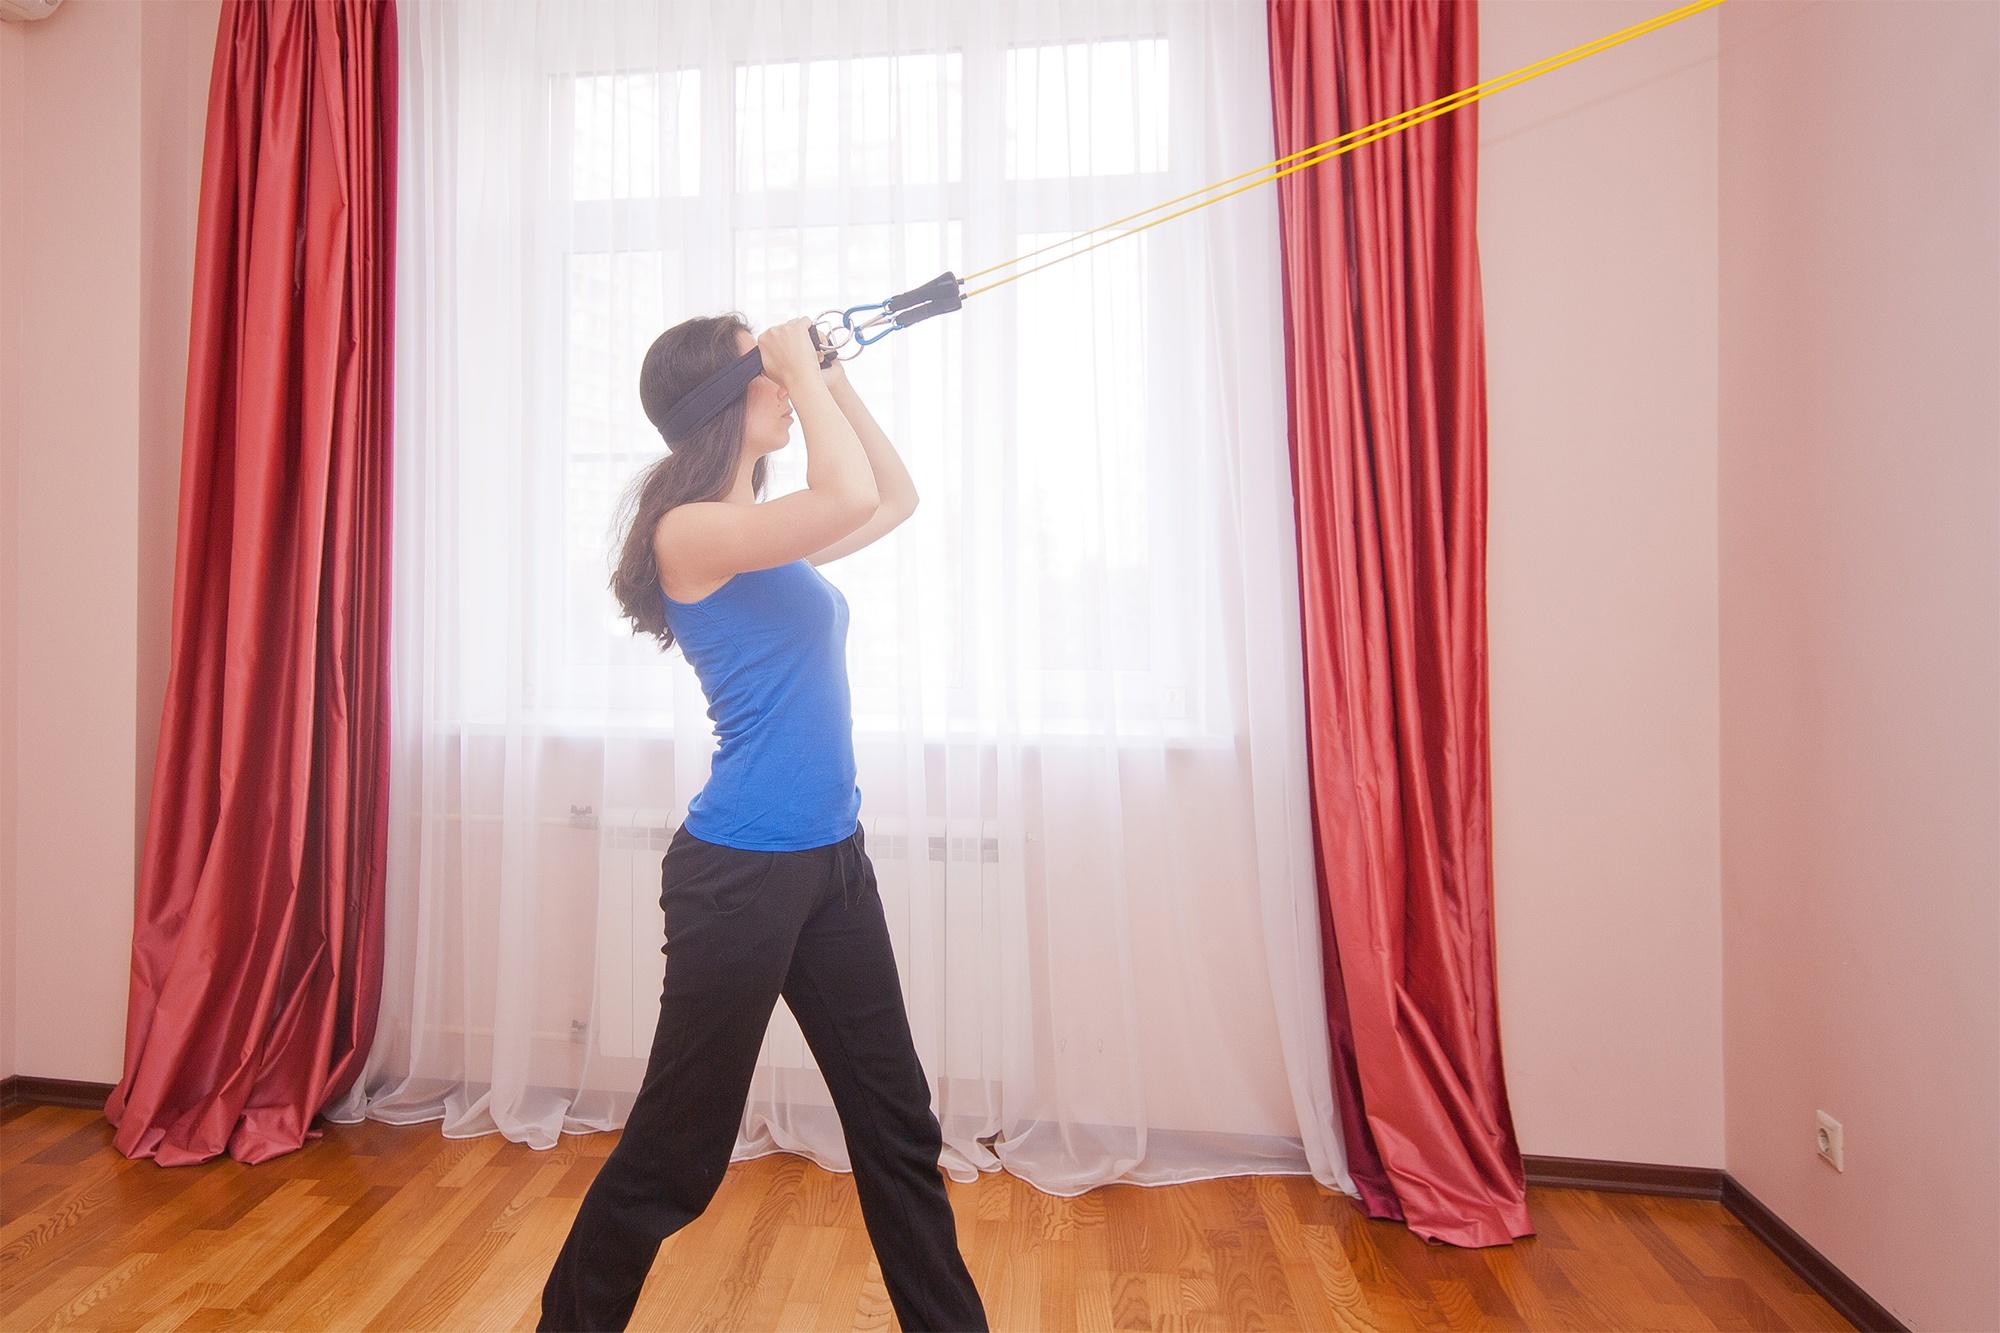 Упражнение с эспандером для шеи. Удержание головы в вертикальном положении